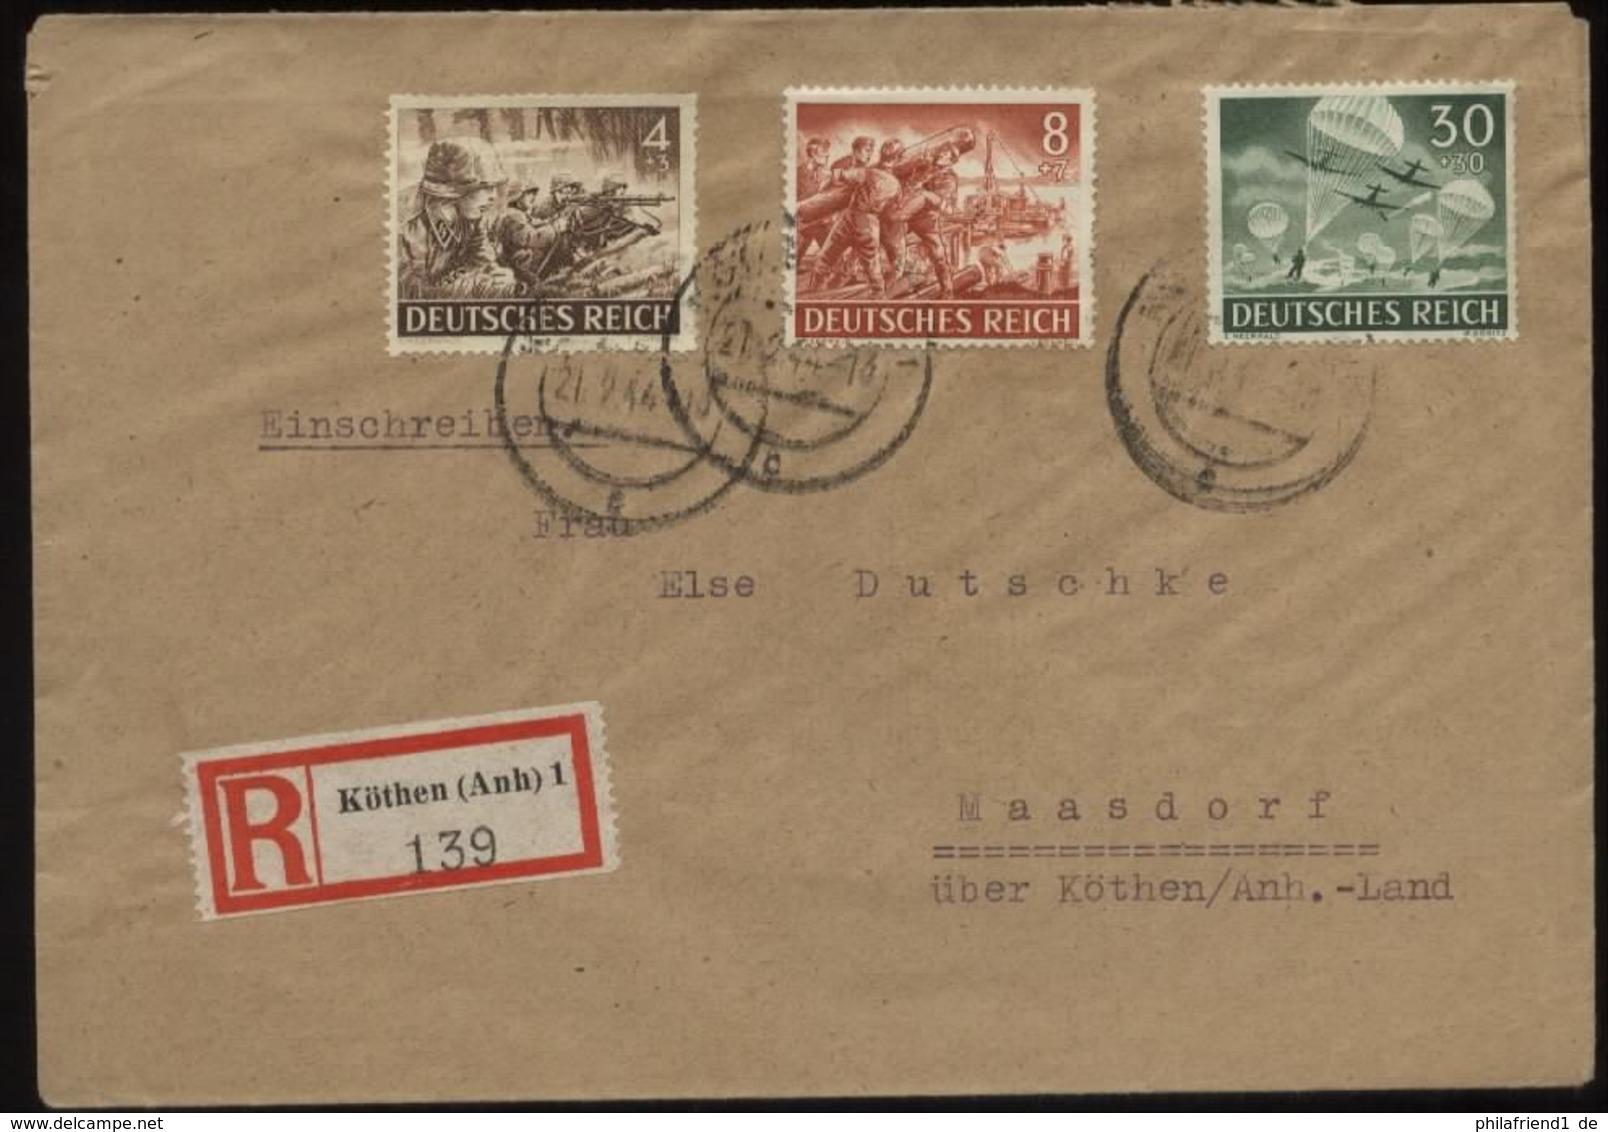 WW II DR R - Briefumschlag Mit Wehrmacht I Sonderbriefmarken: Gebraucht Köthen Anhalt - Maasdorf 1944 , Bedarfserhaltu - Briefe U. Dokumente